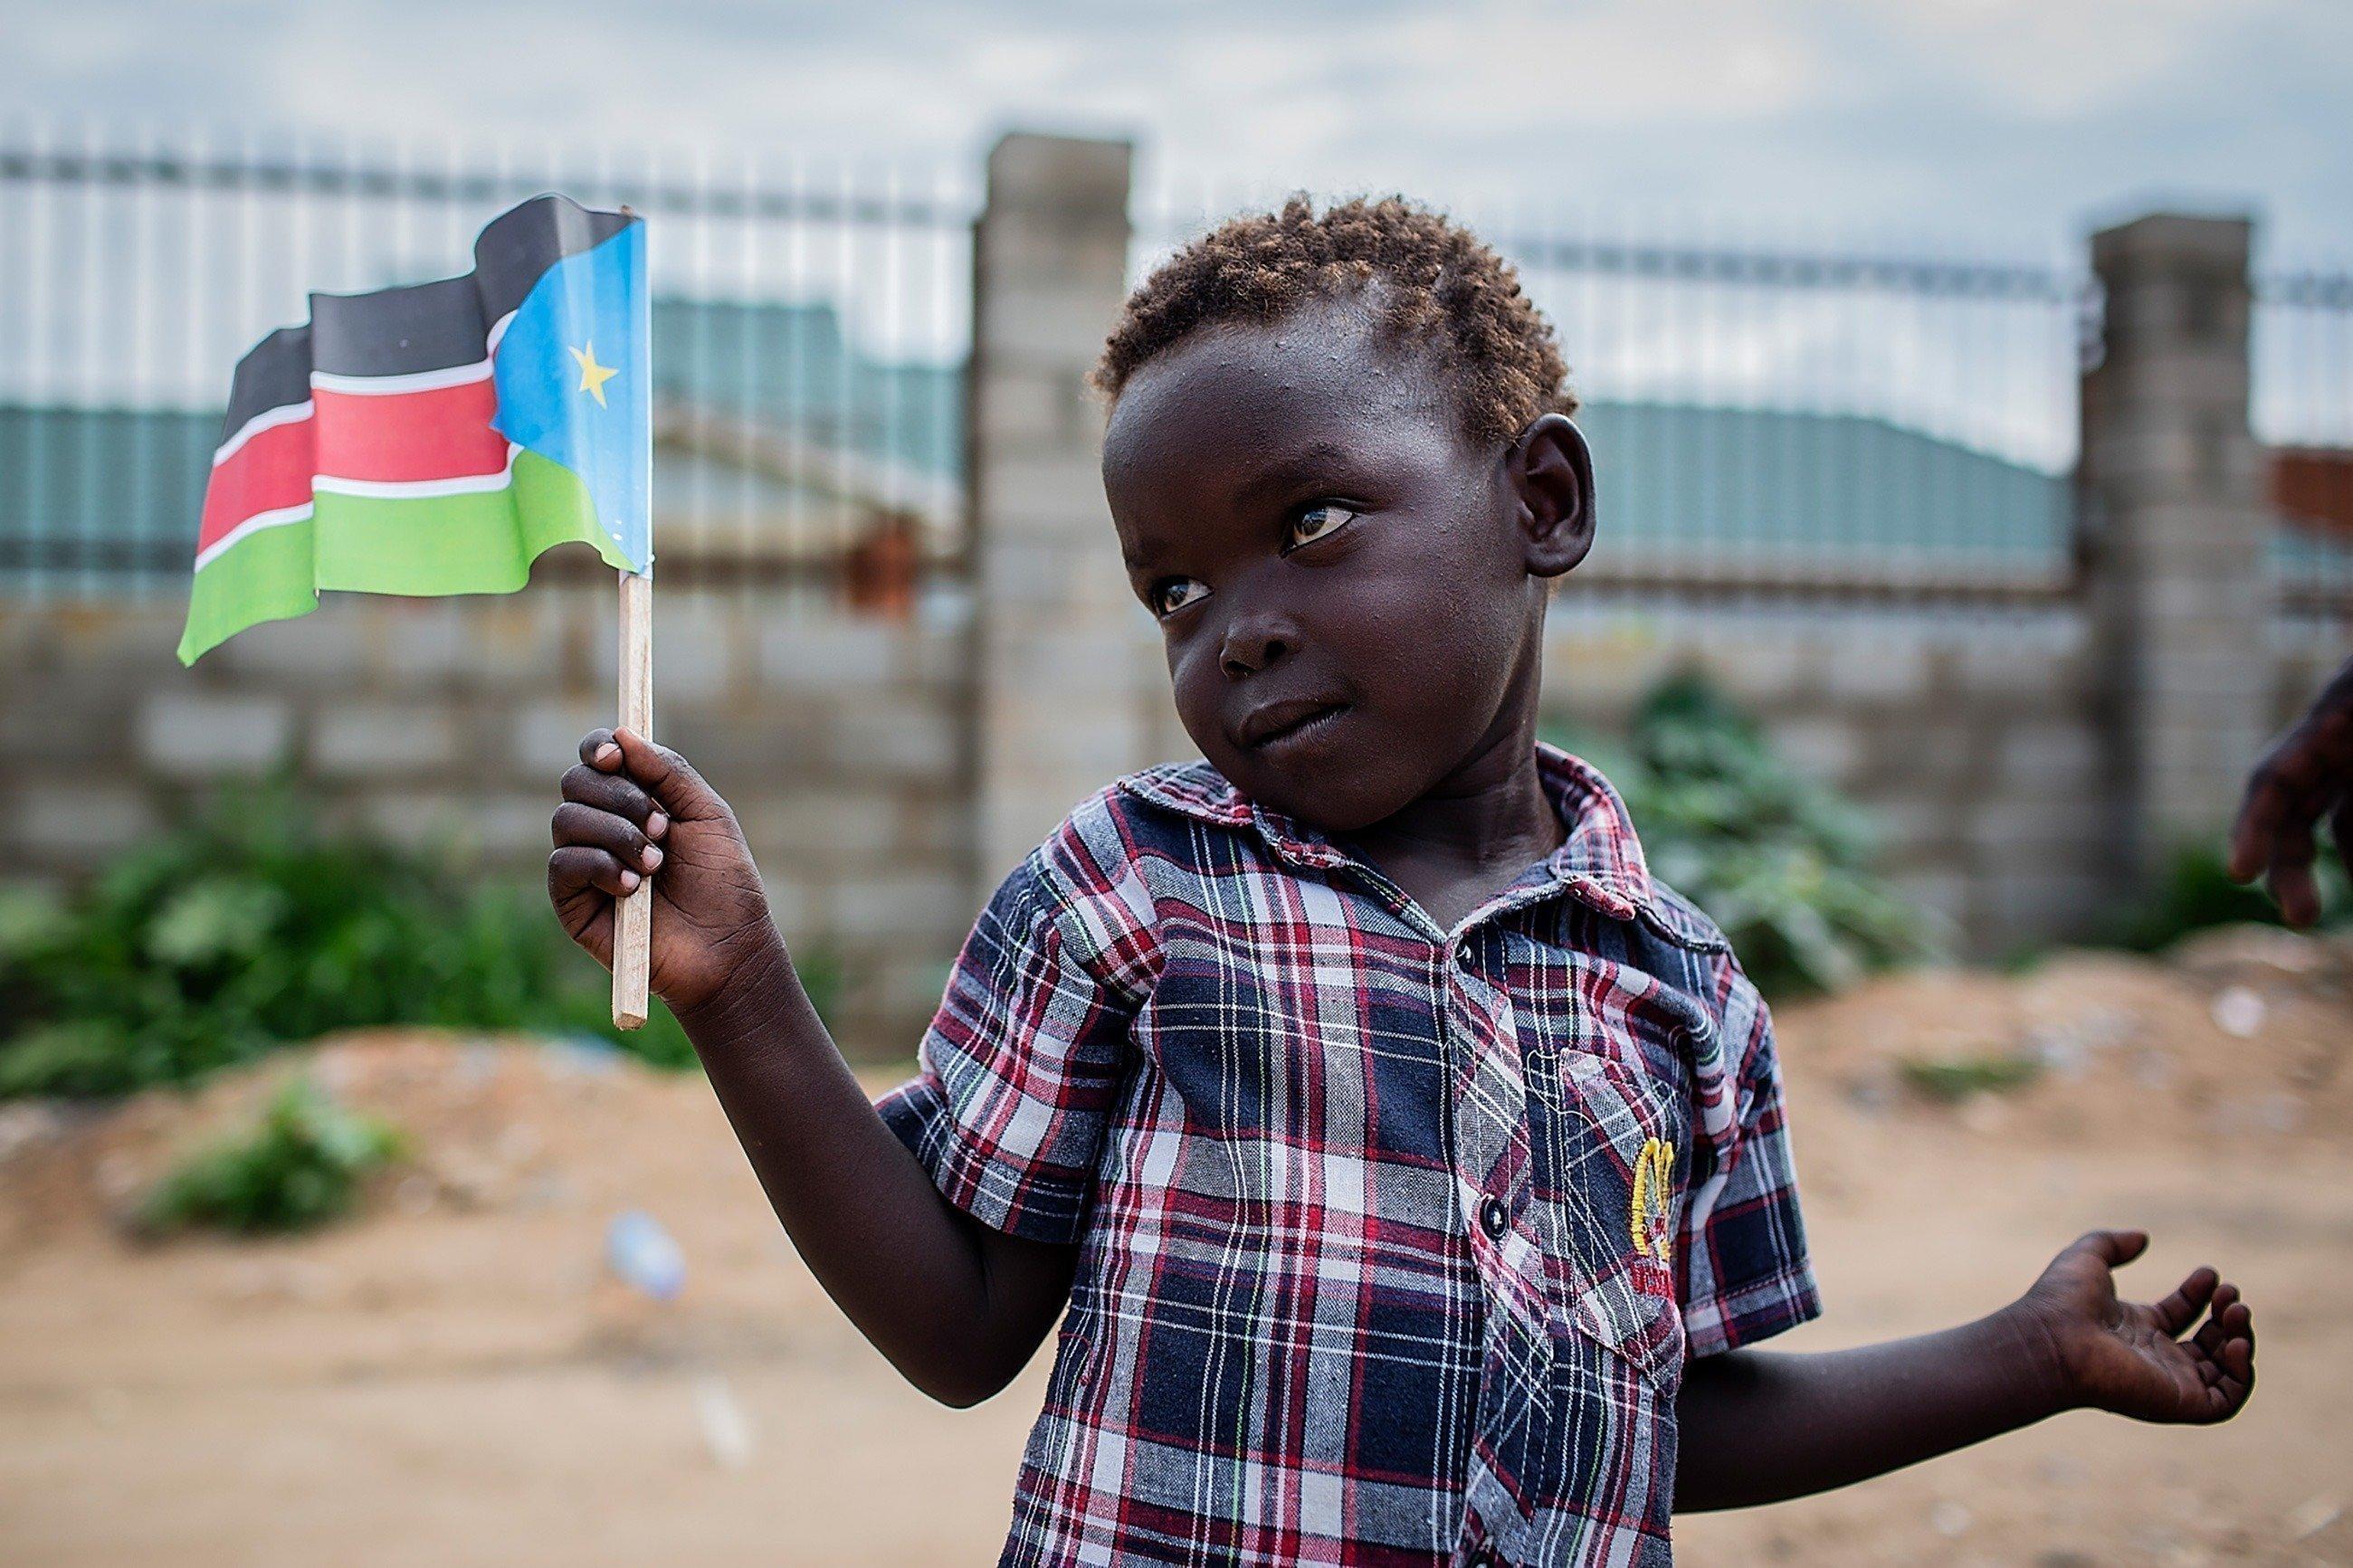 Ragazzino con bandiera africana.